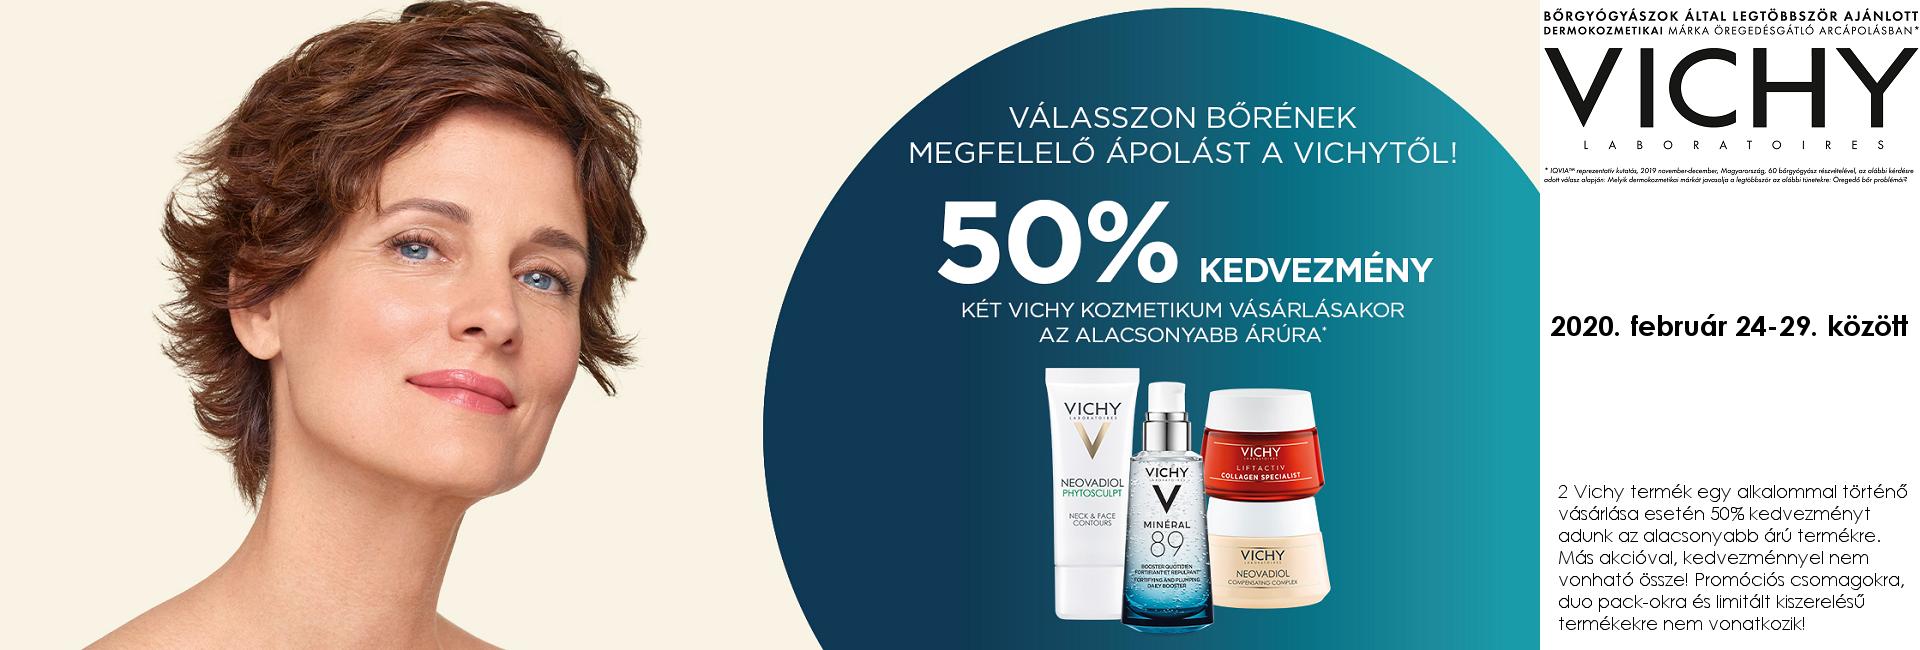 2020. február 24-29. között a második Vichy terméket 50% kedvezménnyel kínáljuk!